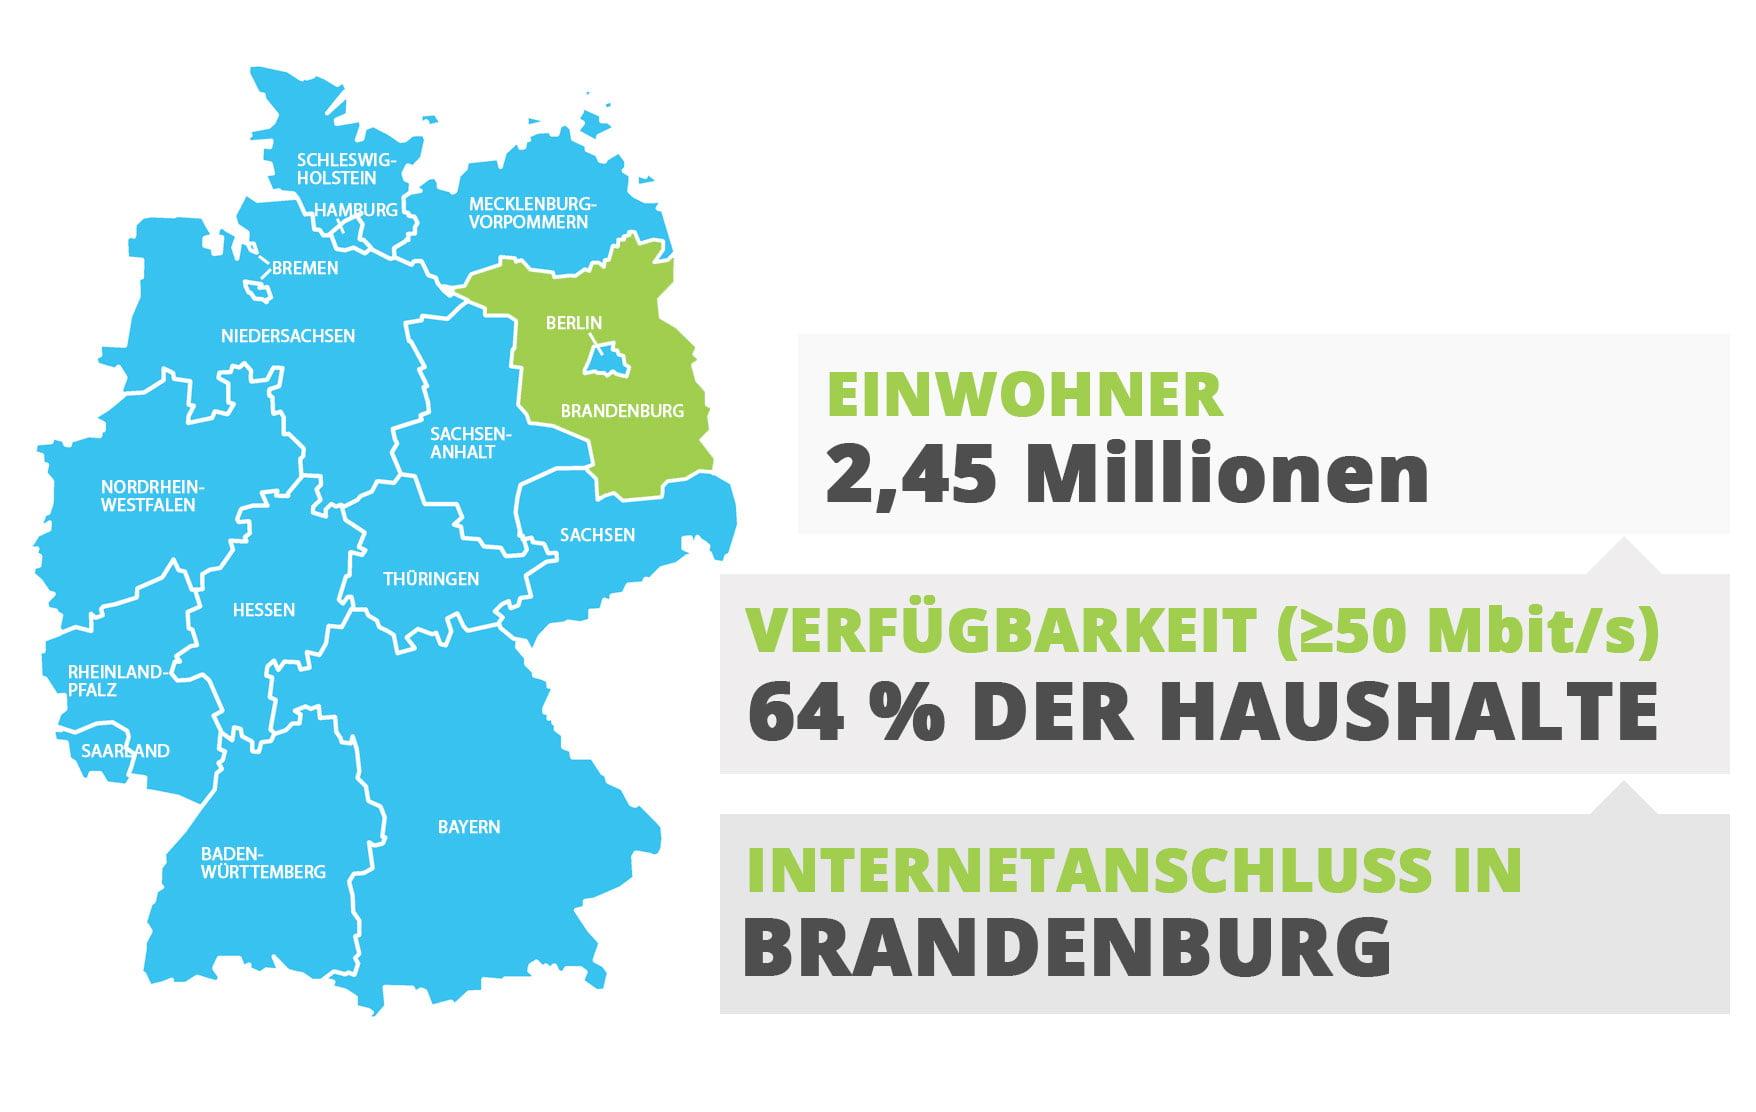 Internetanschluss in Brandenburg